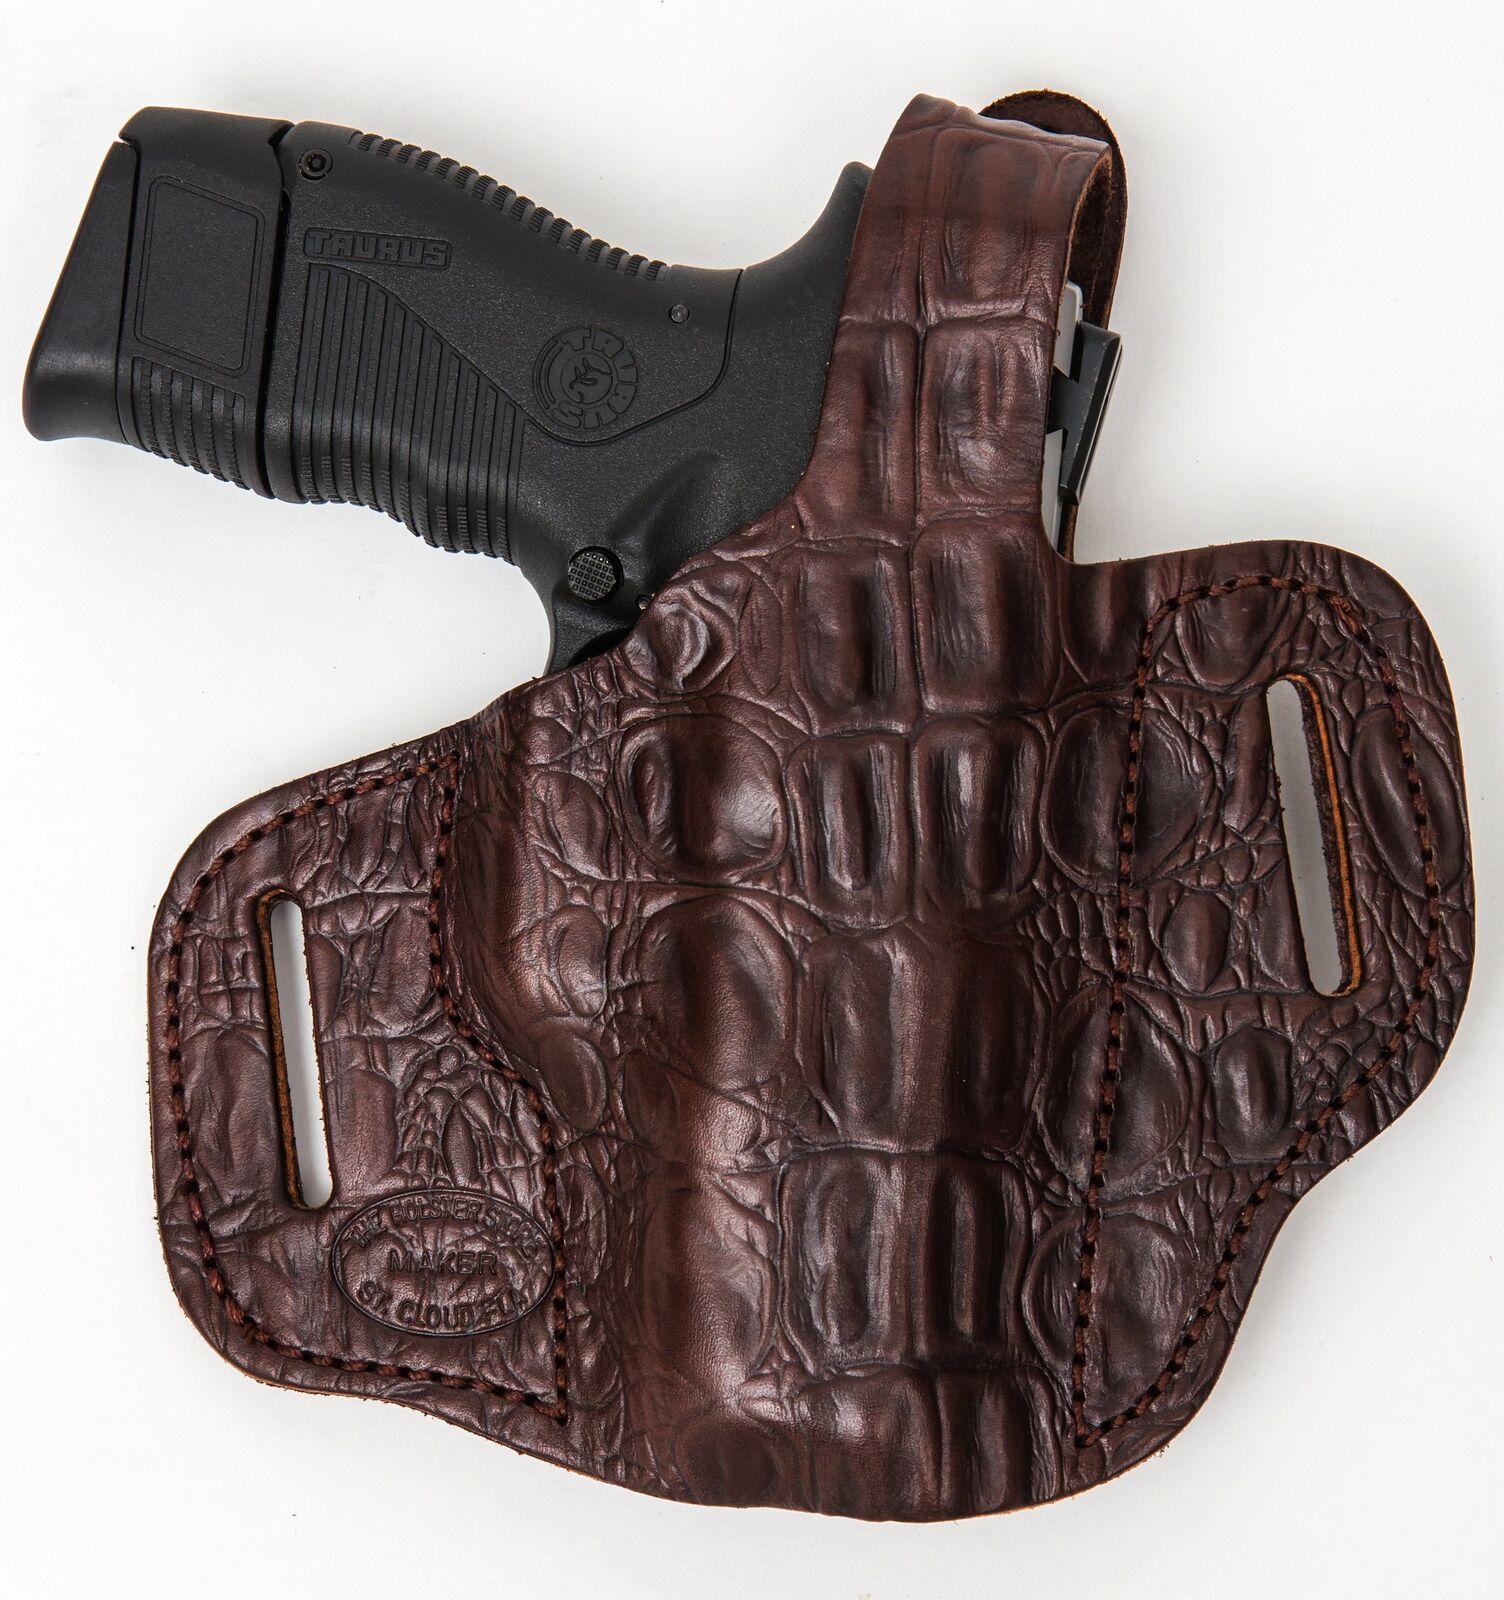 On Duty Conceal RH LH OWB Leder Gun 1911 Holster For Colt 1911 Gun 5